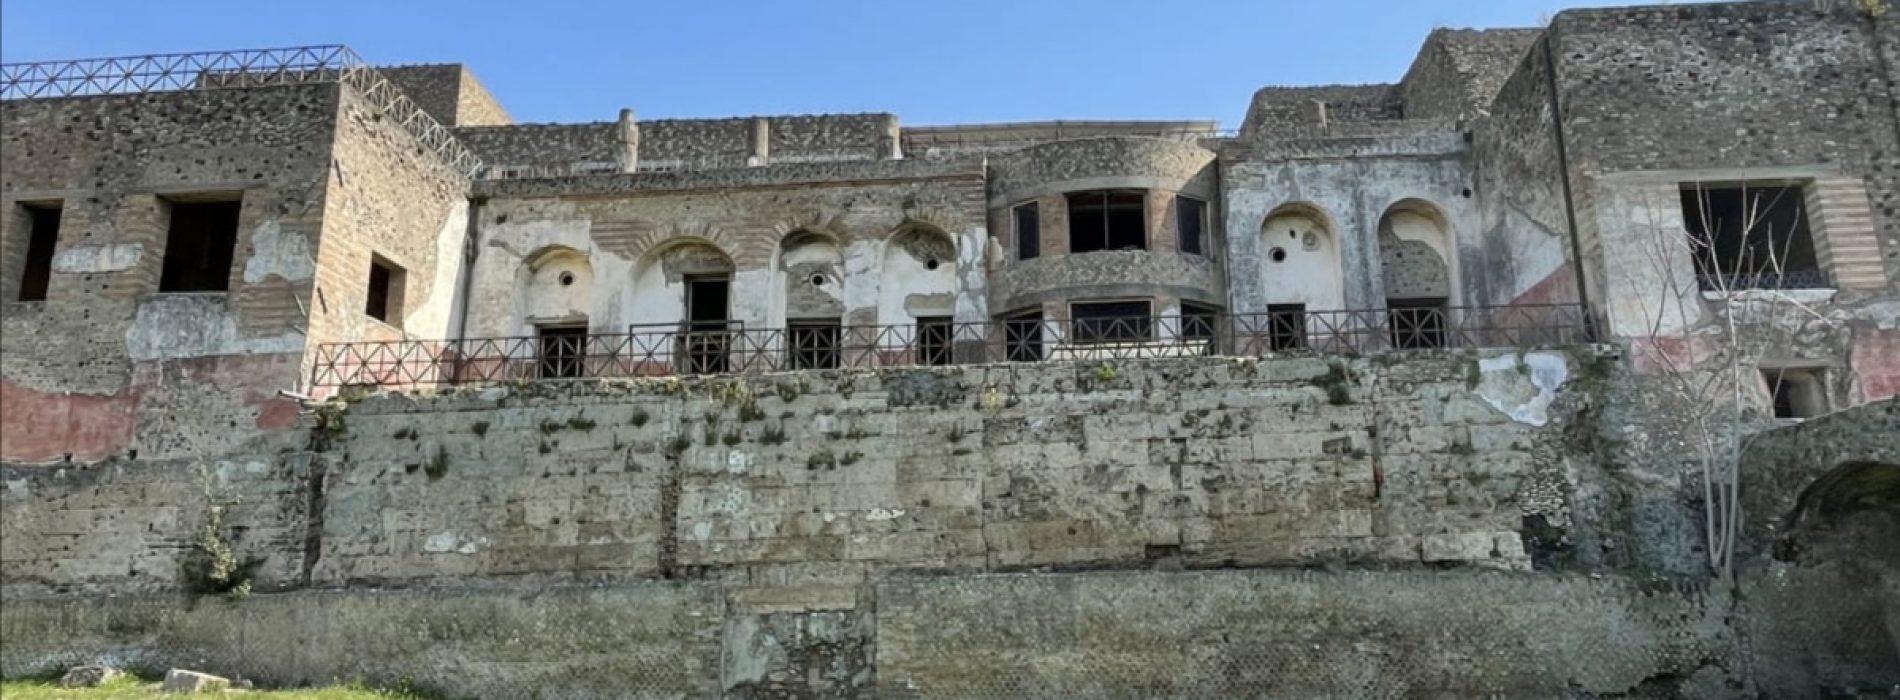 Pompei svelata, iniziati i lavori per aprire l'Insula Occidentalis